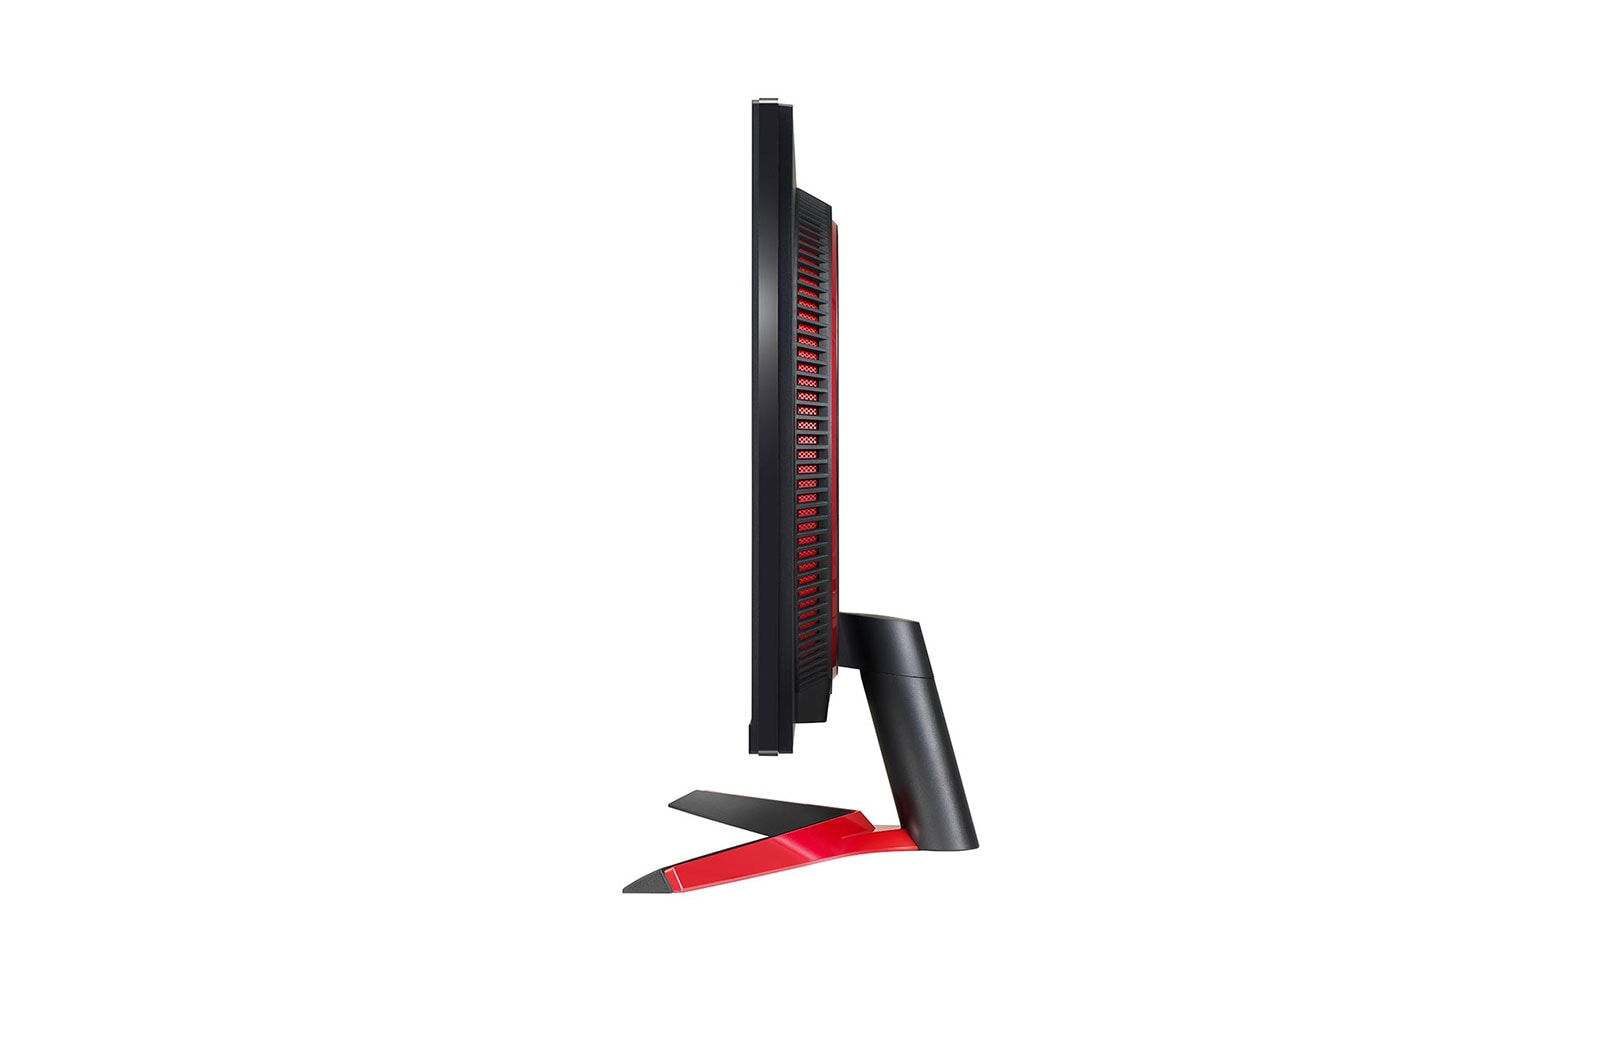 LG Màn hình máy tính LG UltraGear™ 27'' IPS QHD 144Hz 1ms (GtG) NVIDIA® G-SYNC® Compatible HDR 27GN800-B, hình bên cạnh, 27GN800-B